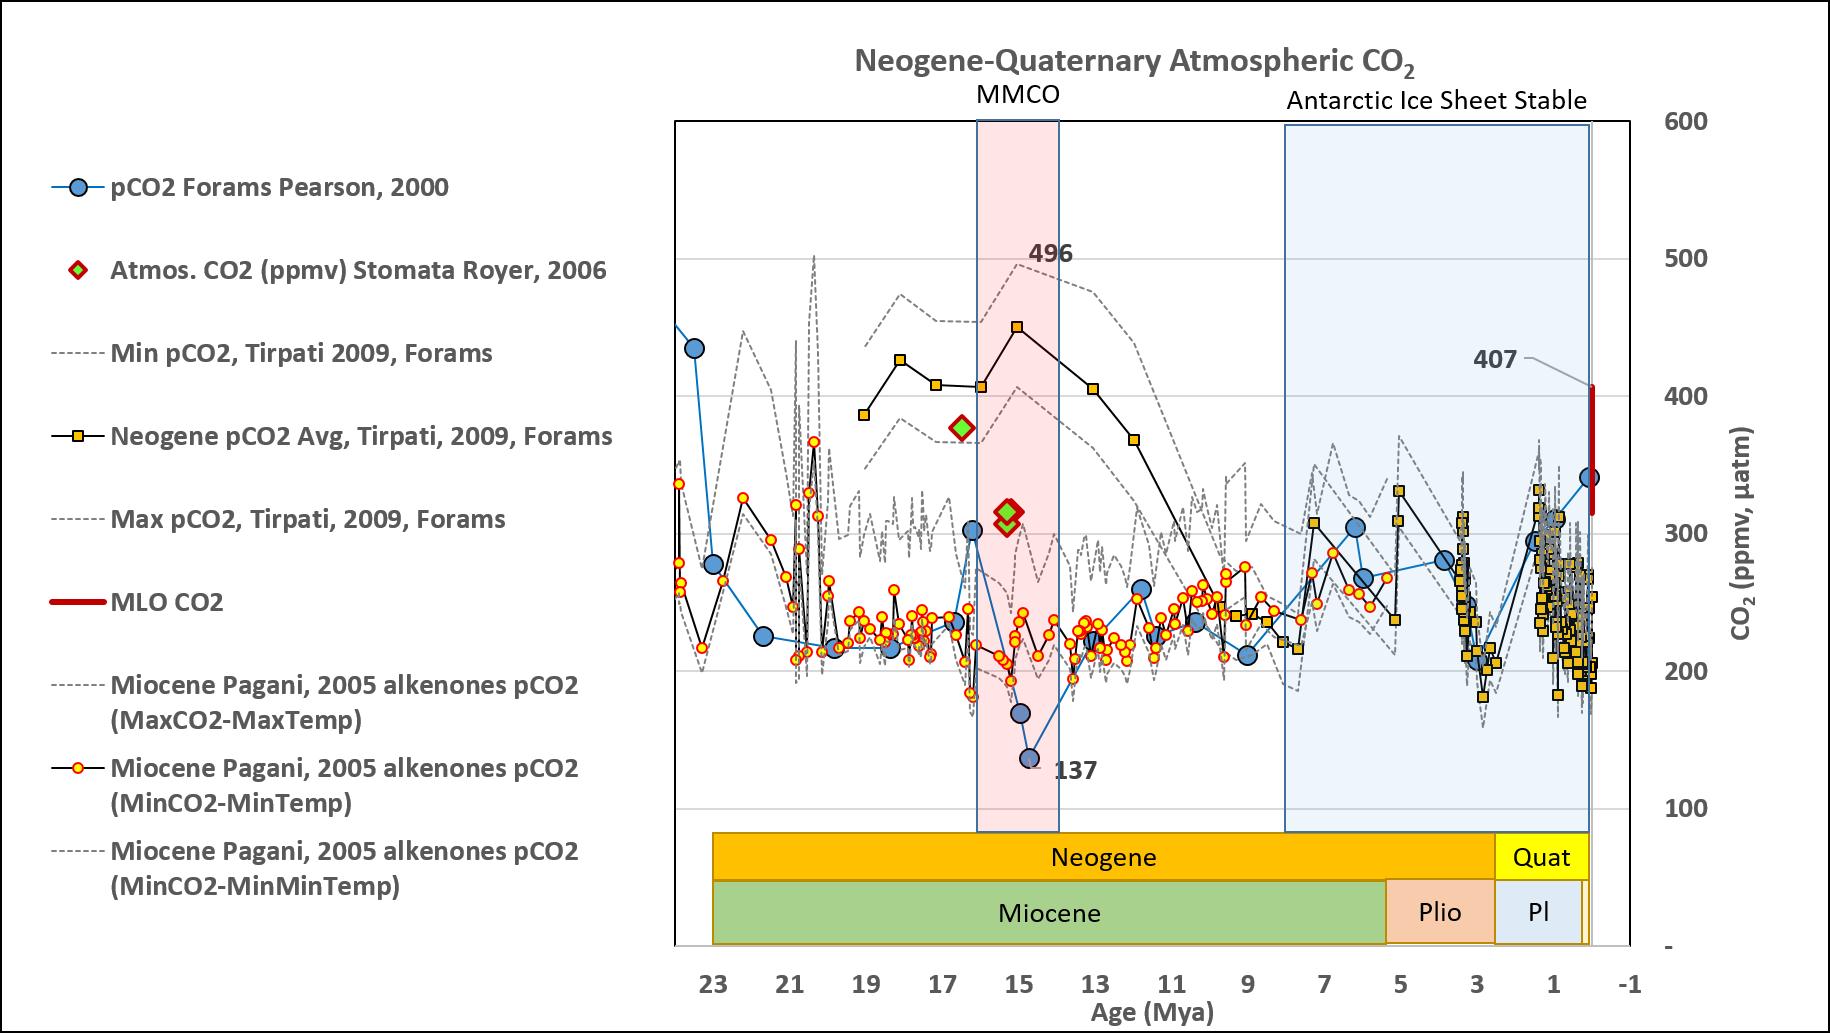 Neogene CO2